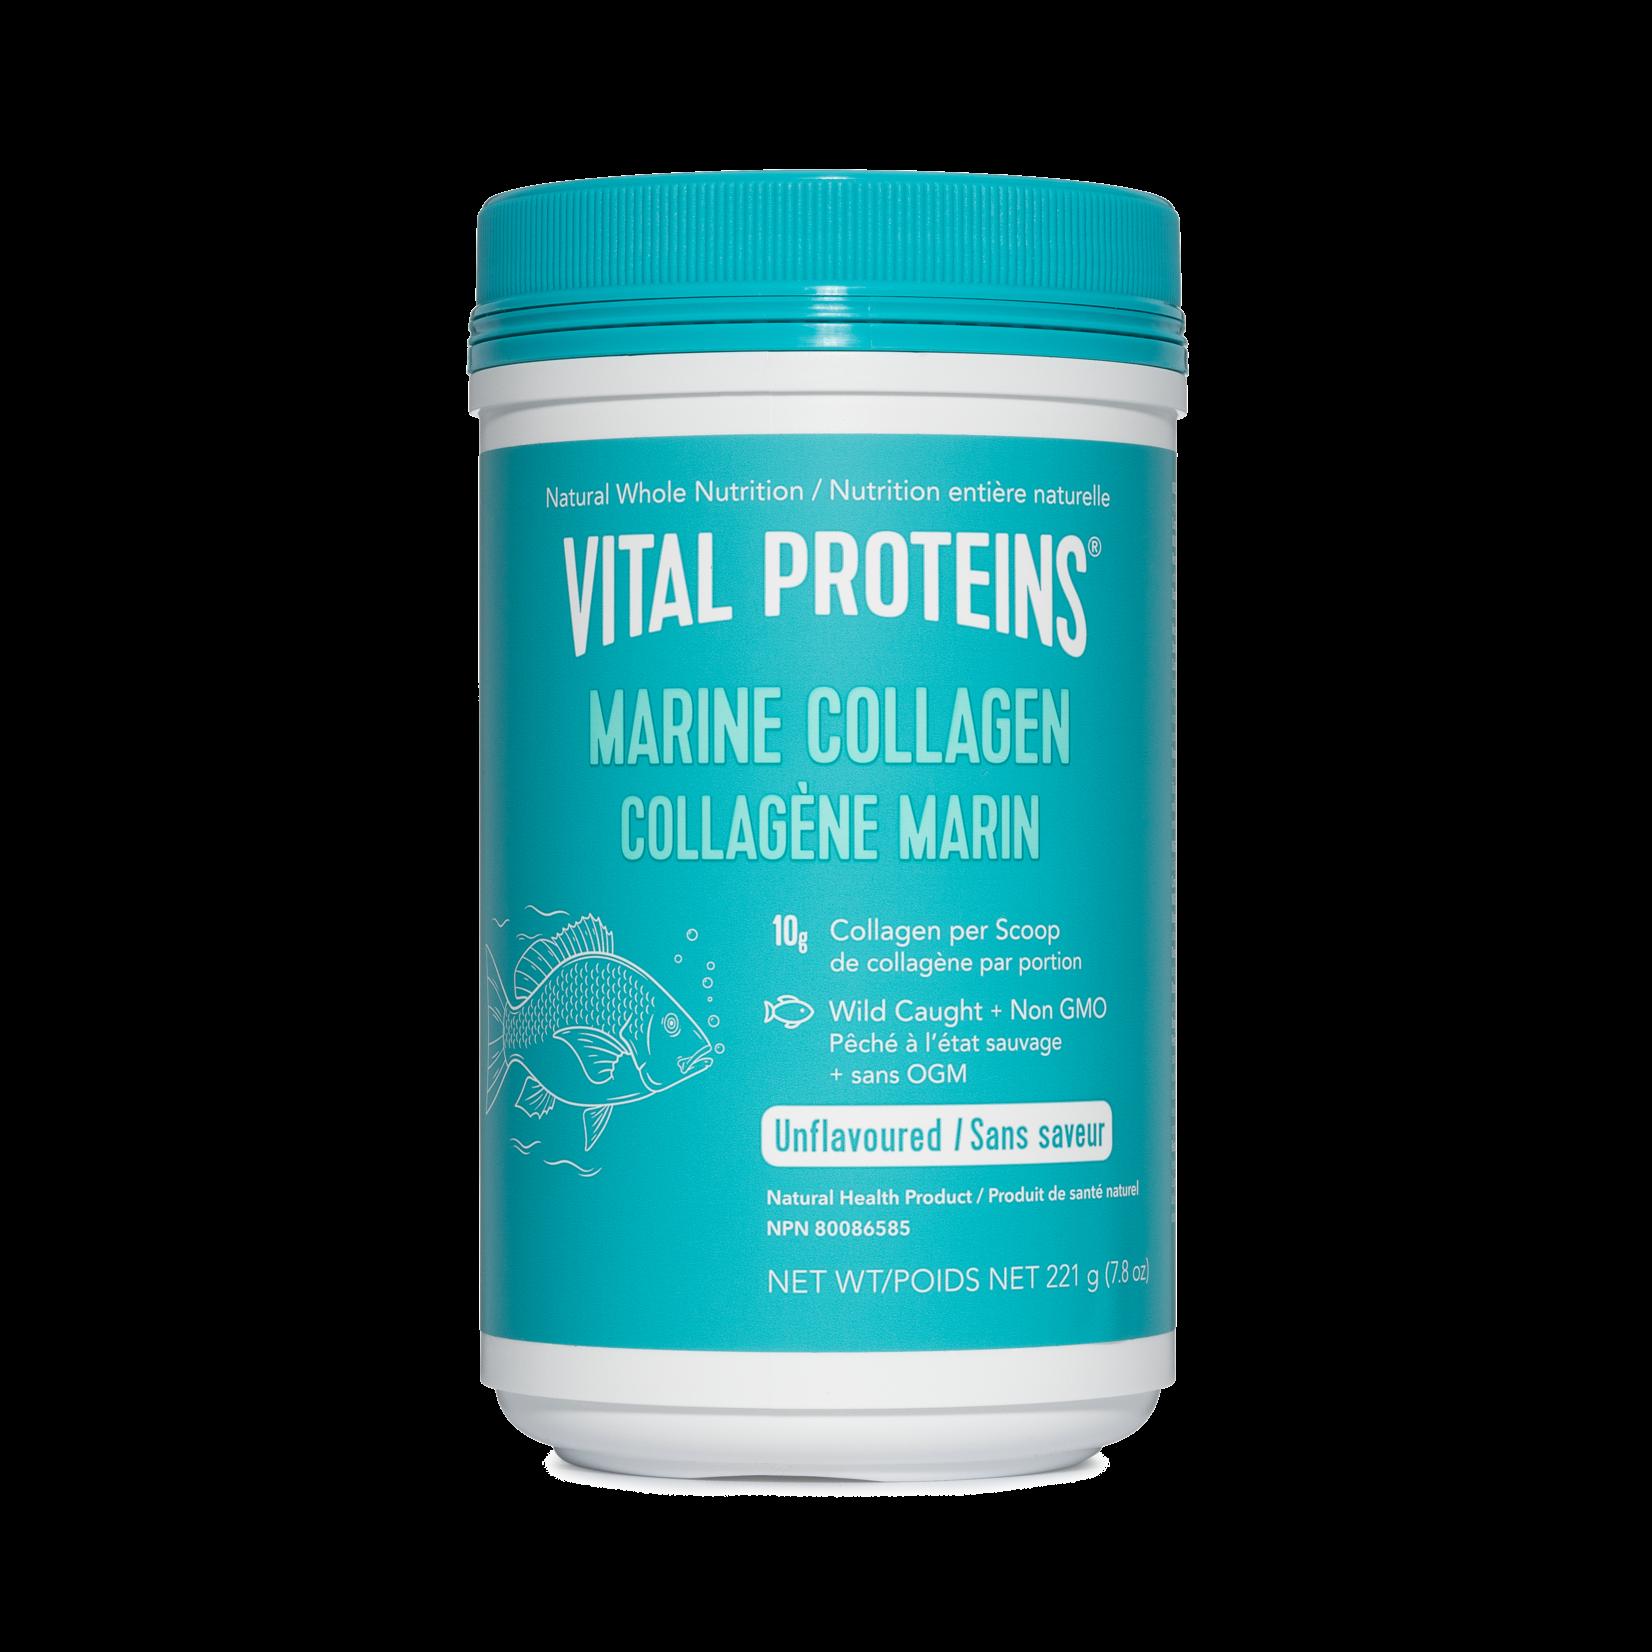 Vital Proteins Marine Collagen 7oz